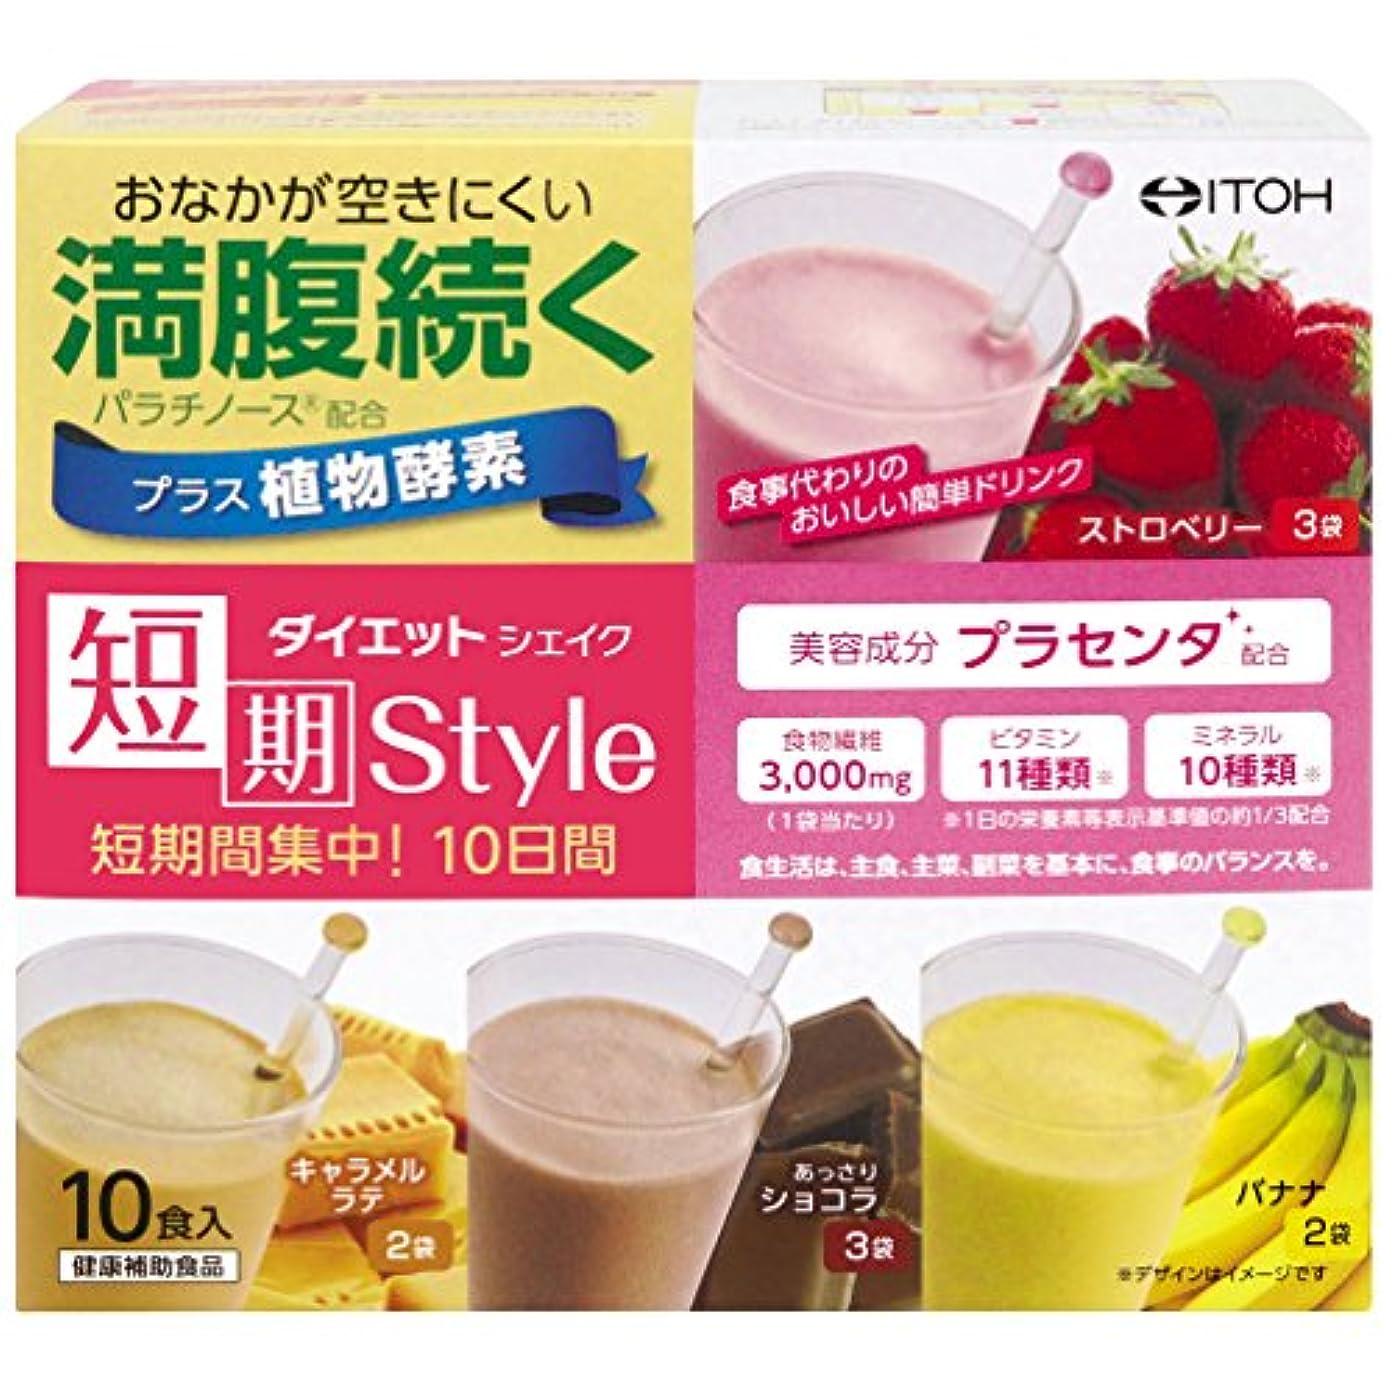 虚栄心母性オーナー井藤漢方製薬 短期スタイル ダイエットシェイク 10食分 25gX10袋